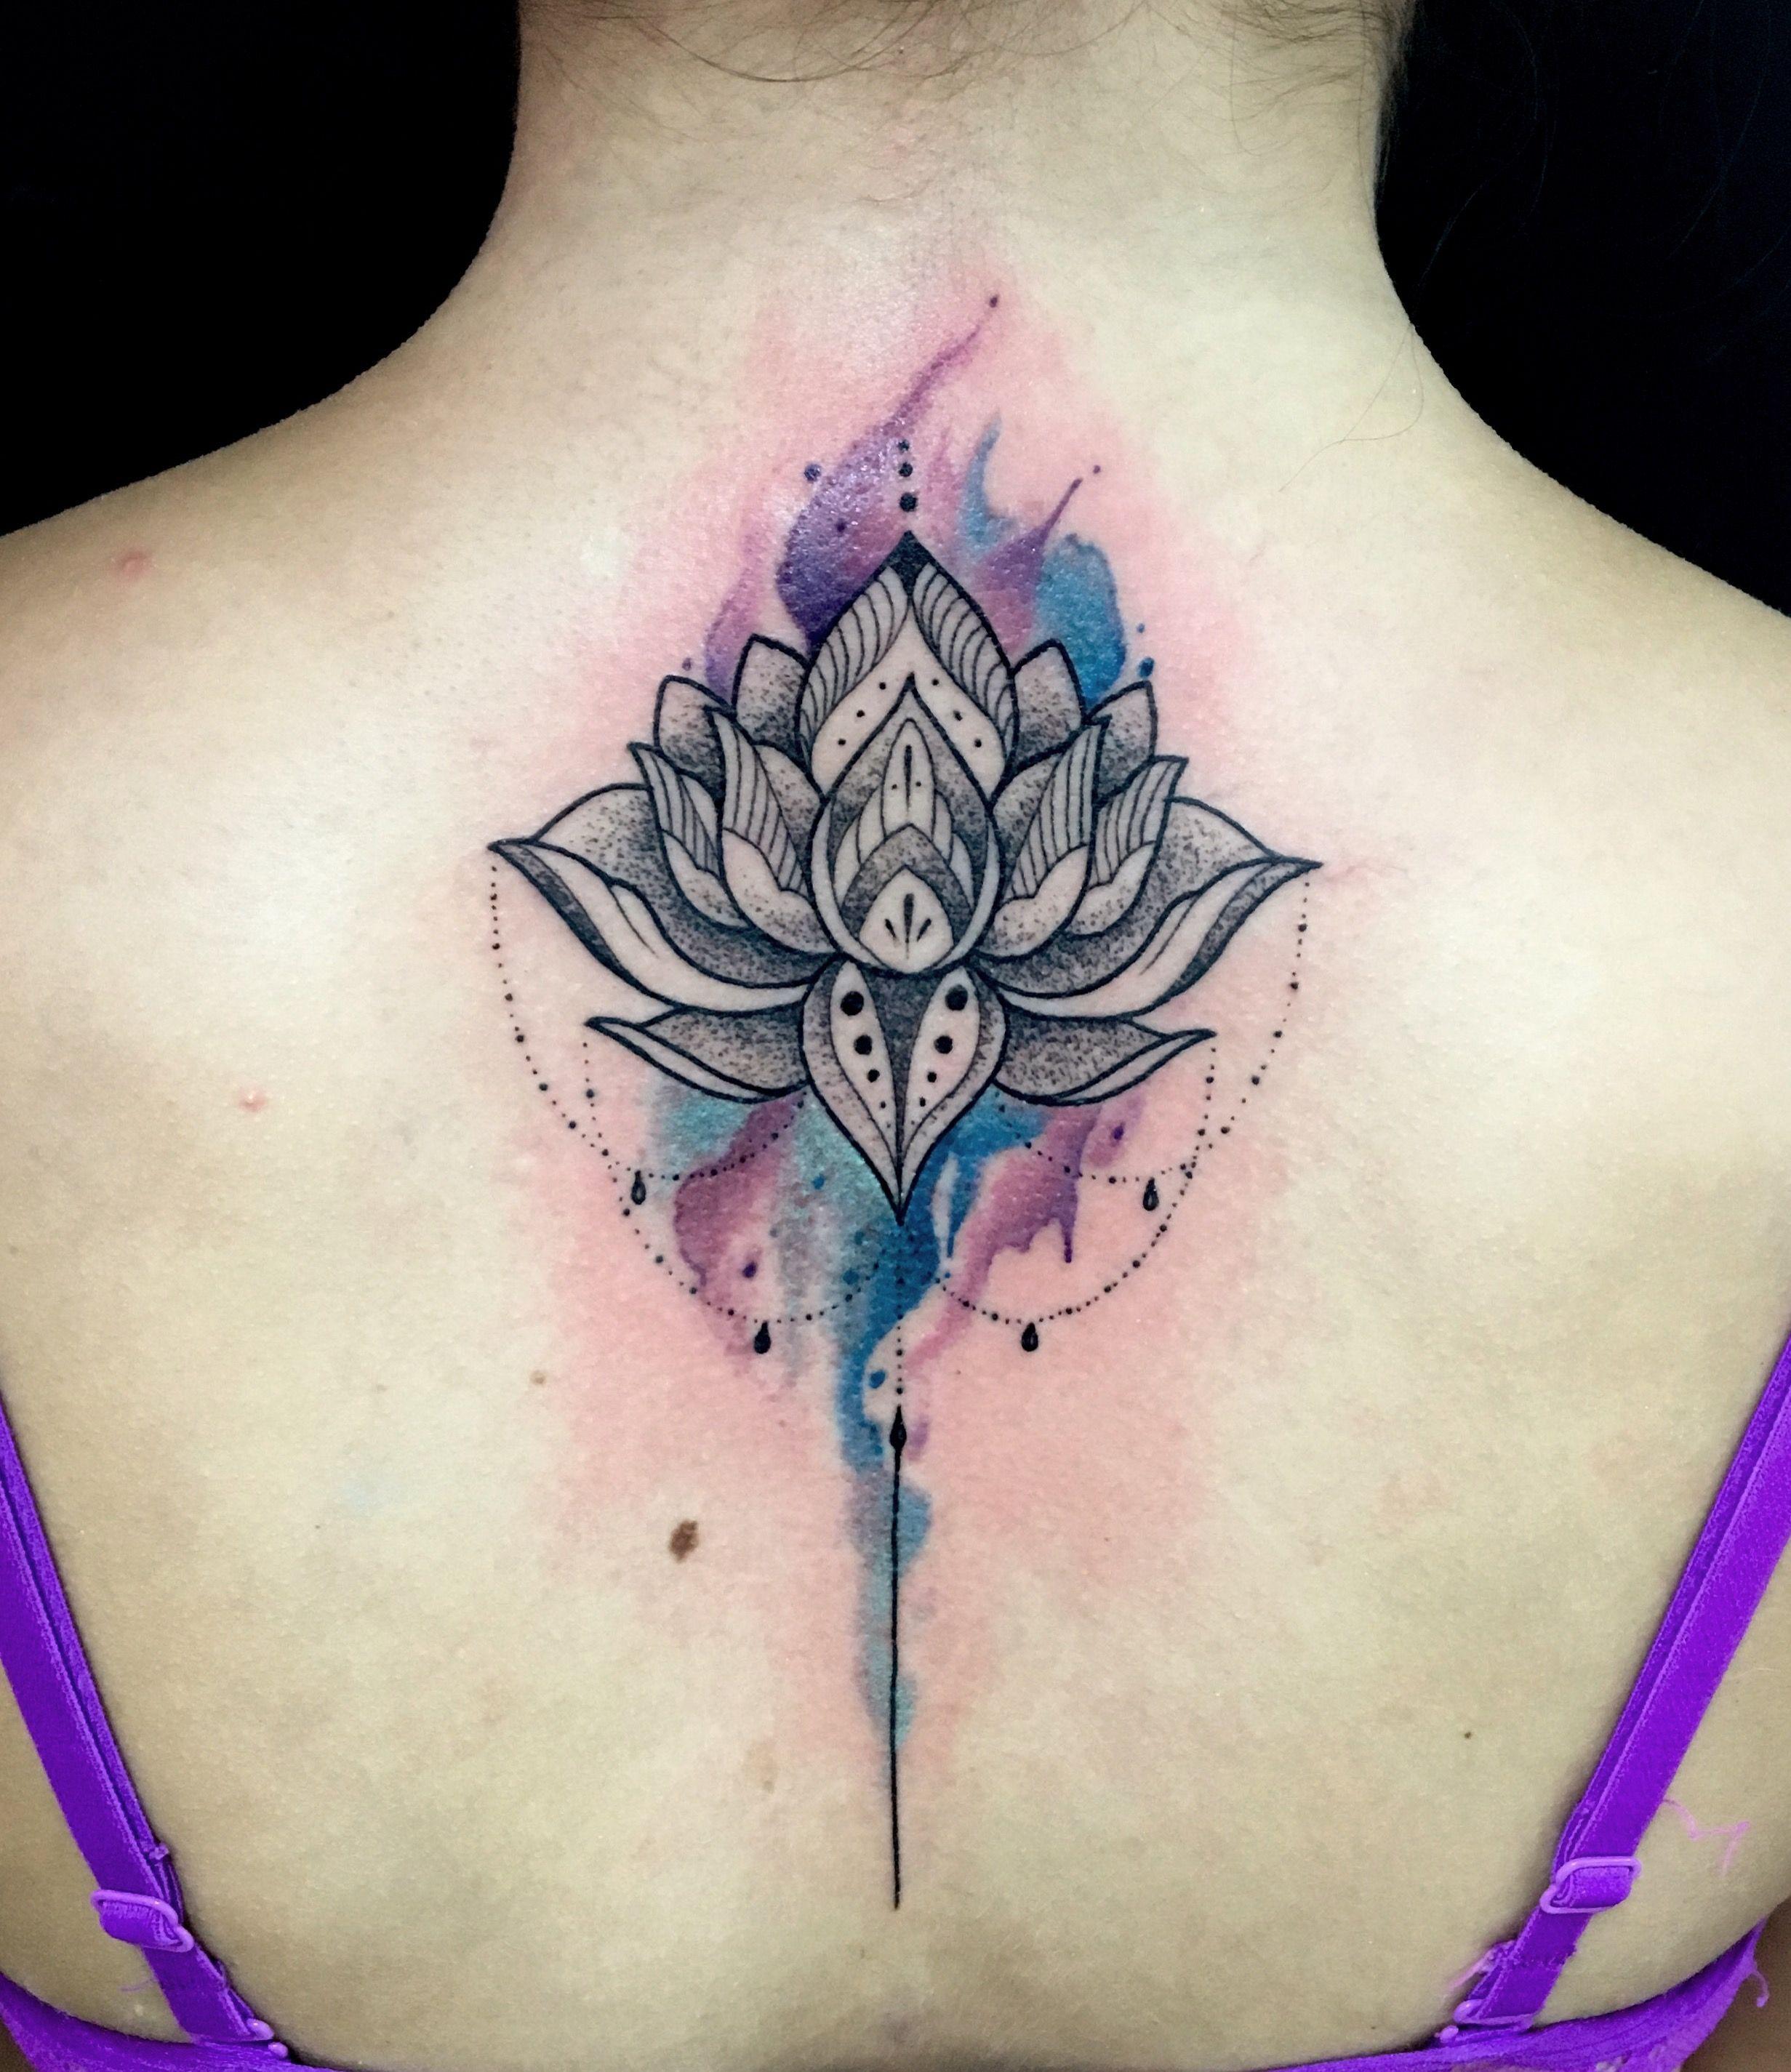 Lotus flower tattoo watercolor by juan david castro r lotus flower tattoo watercolor by juan david castro r tattooideaswatercolor izmirmasajfo